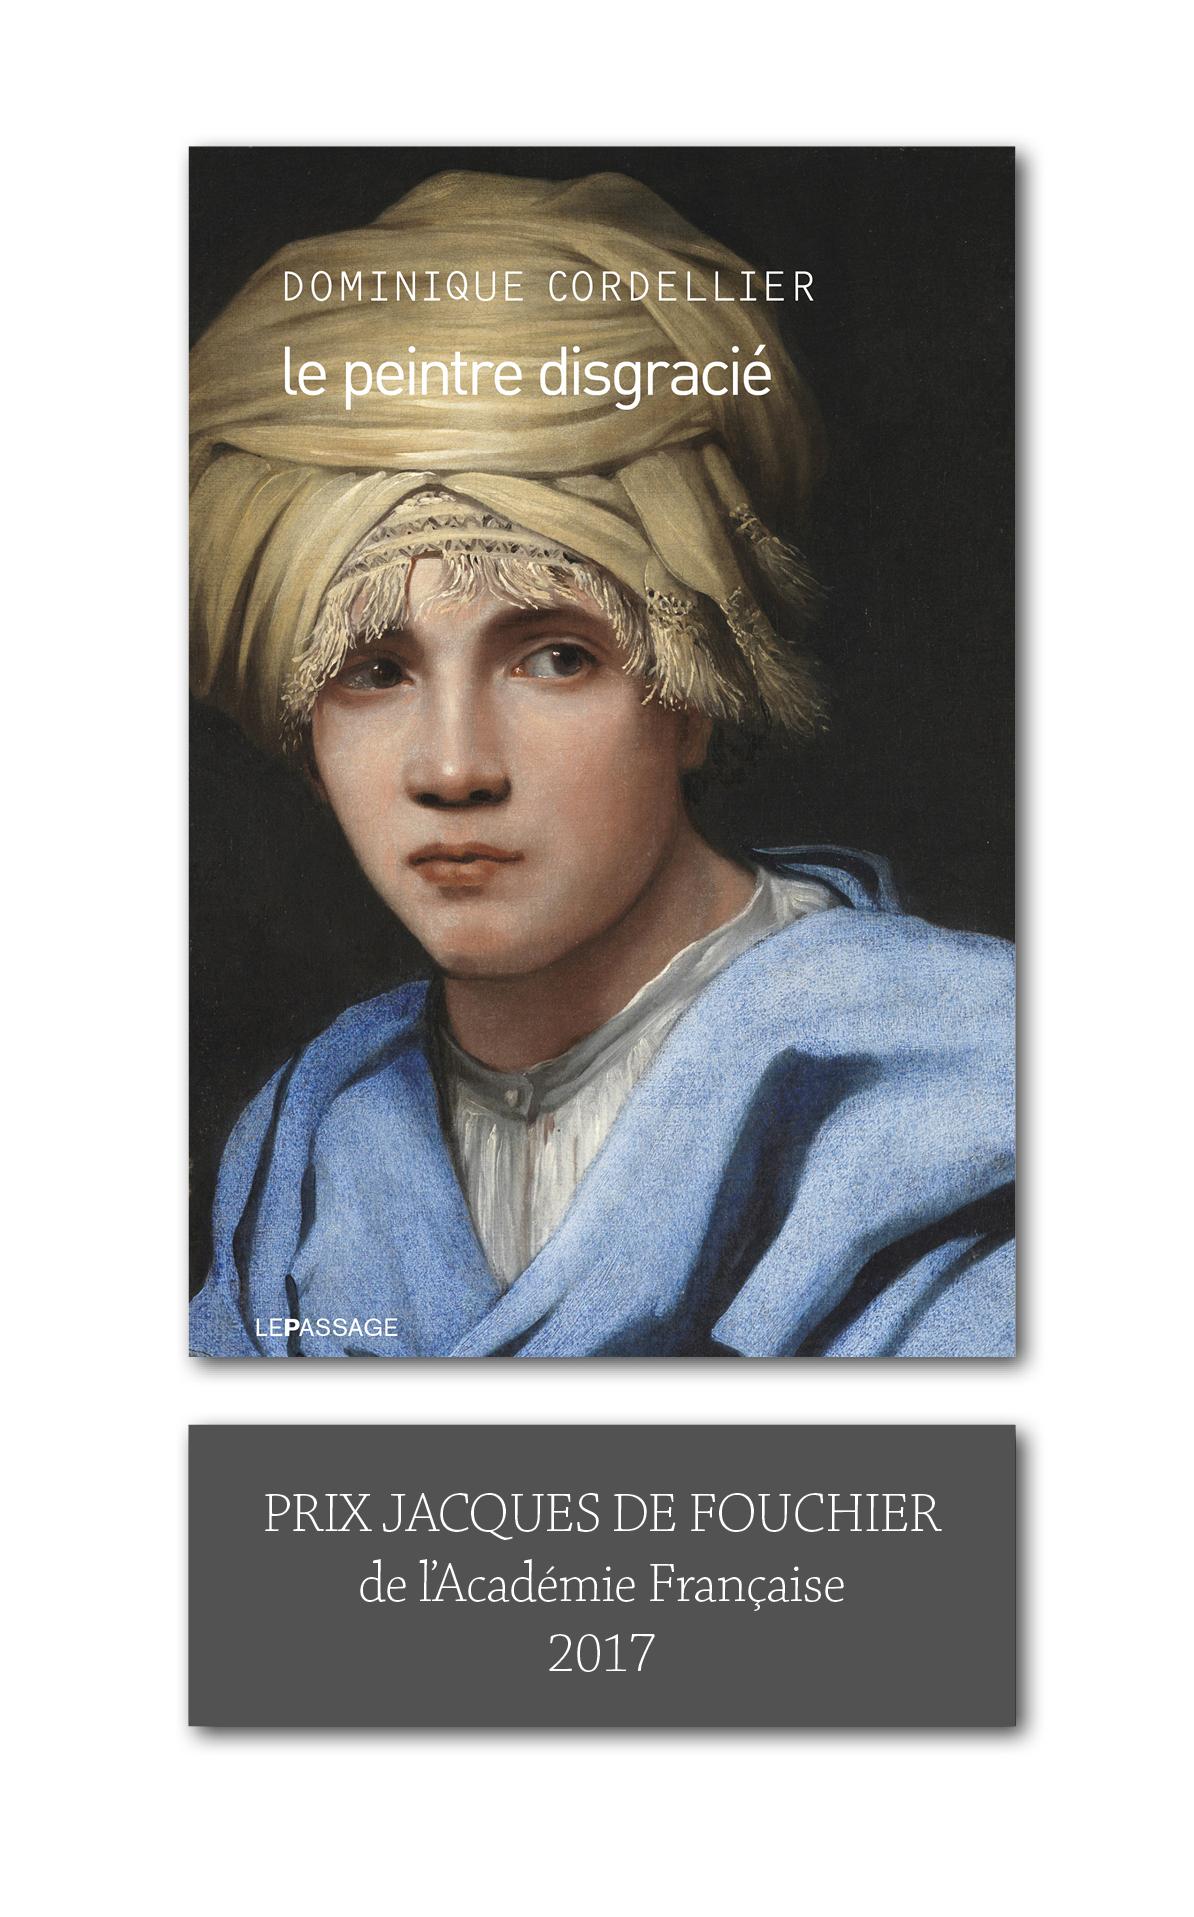 Prix Jacques de Fouchier 2017